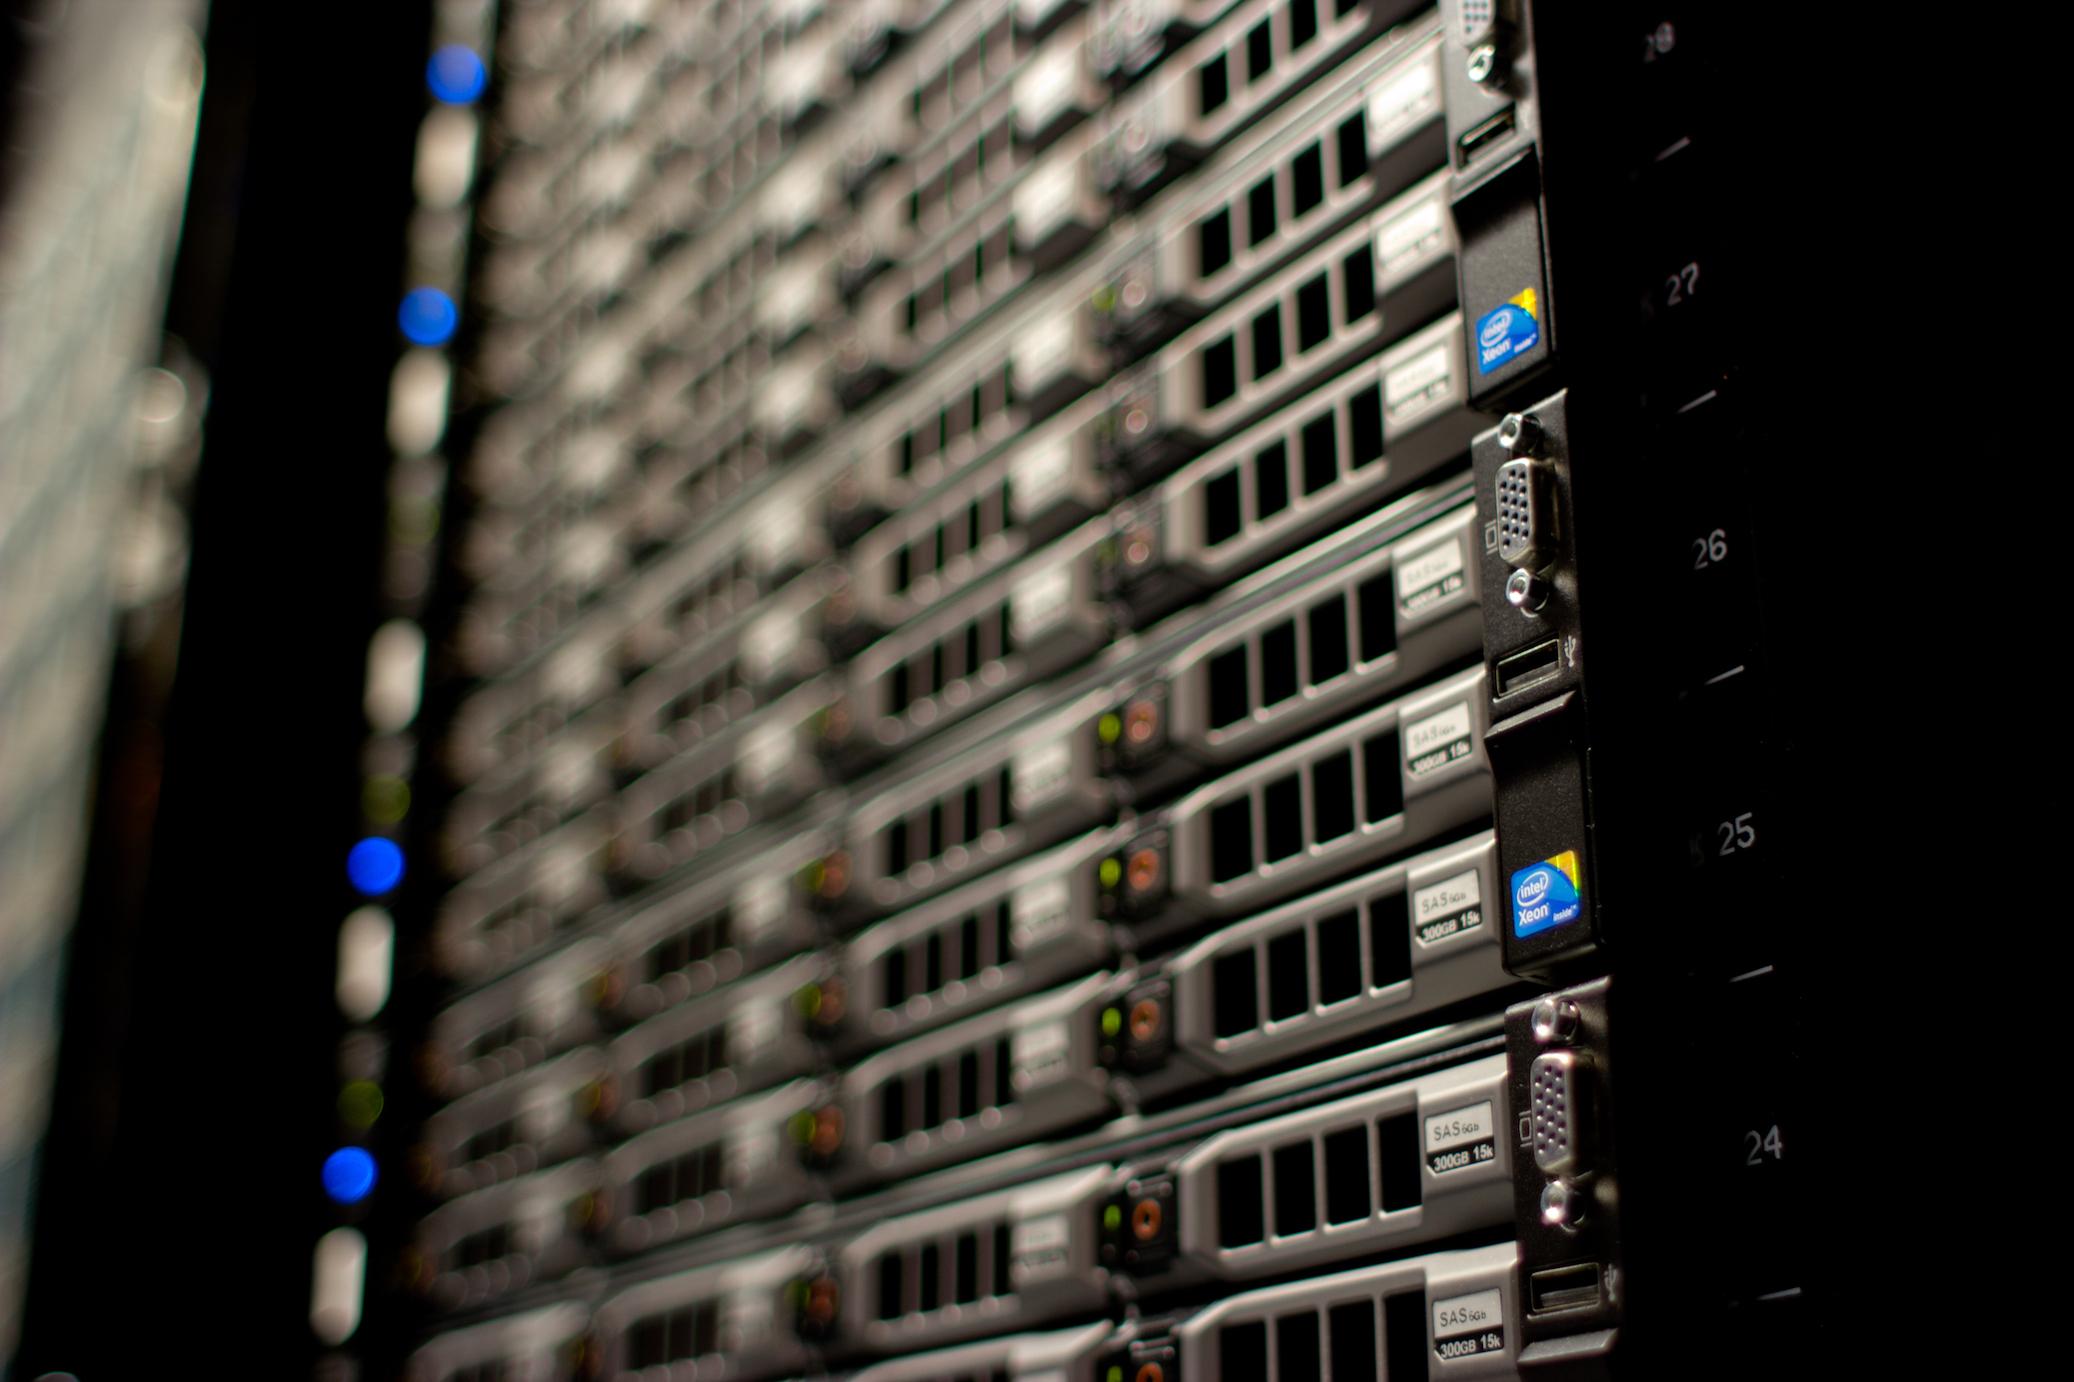 wikimedia_foundation_servers-8055_17.jpg